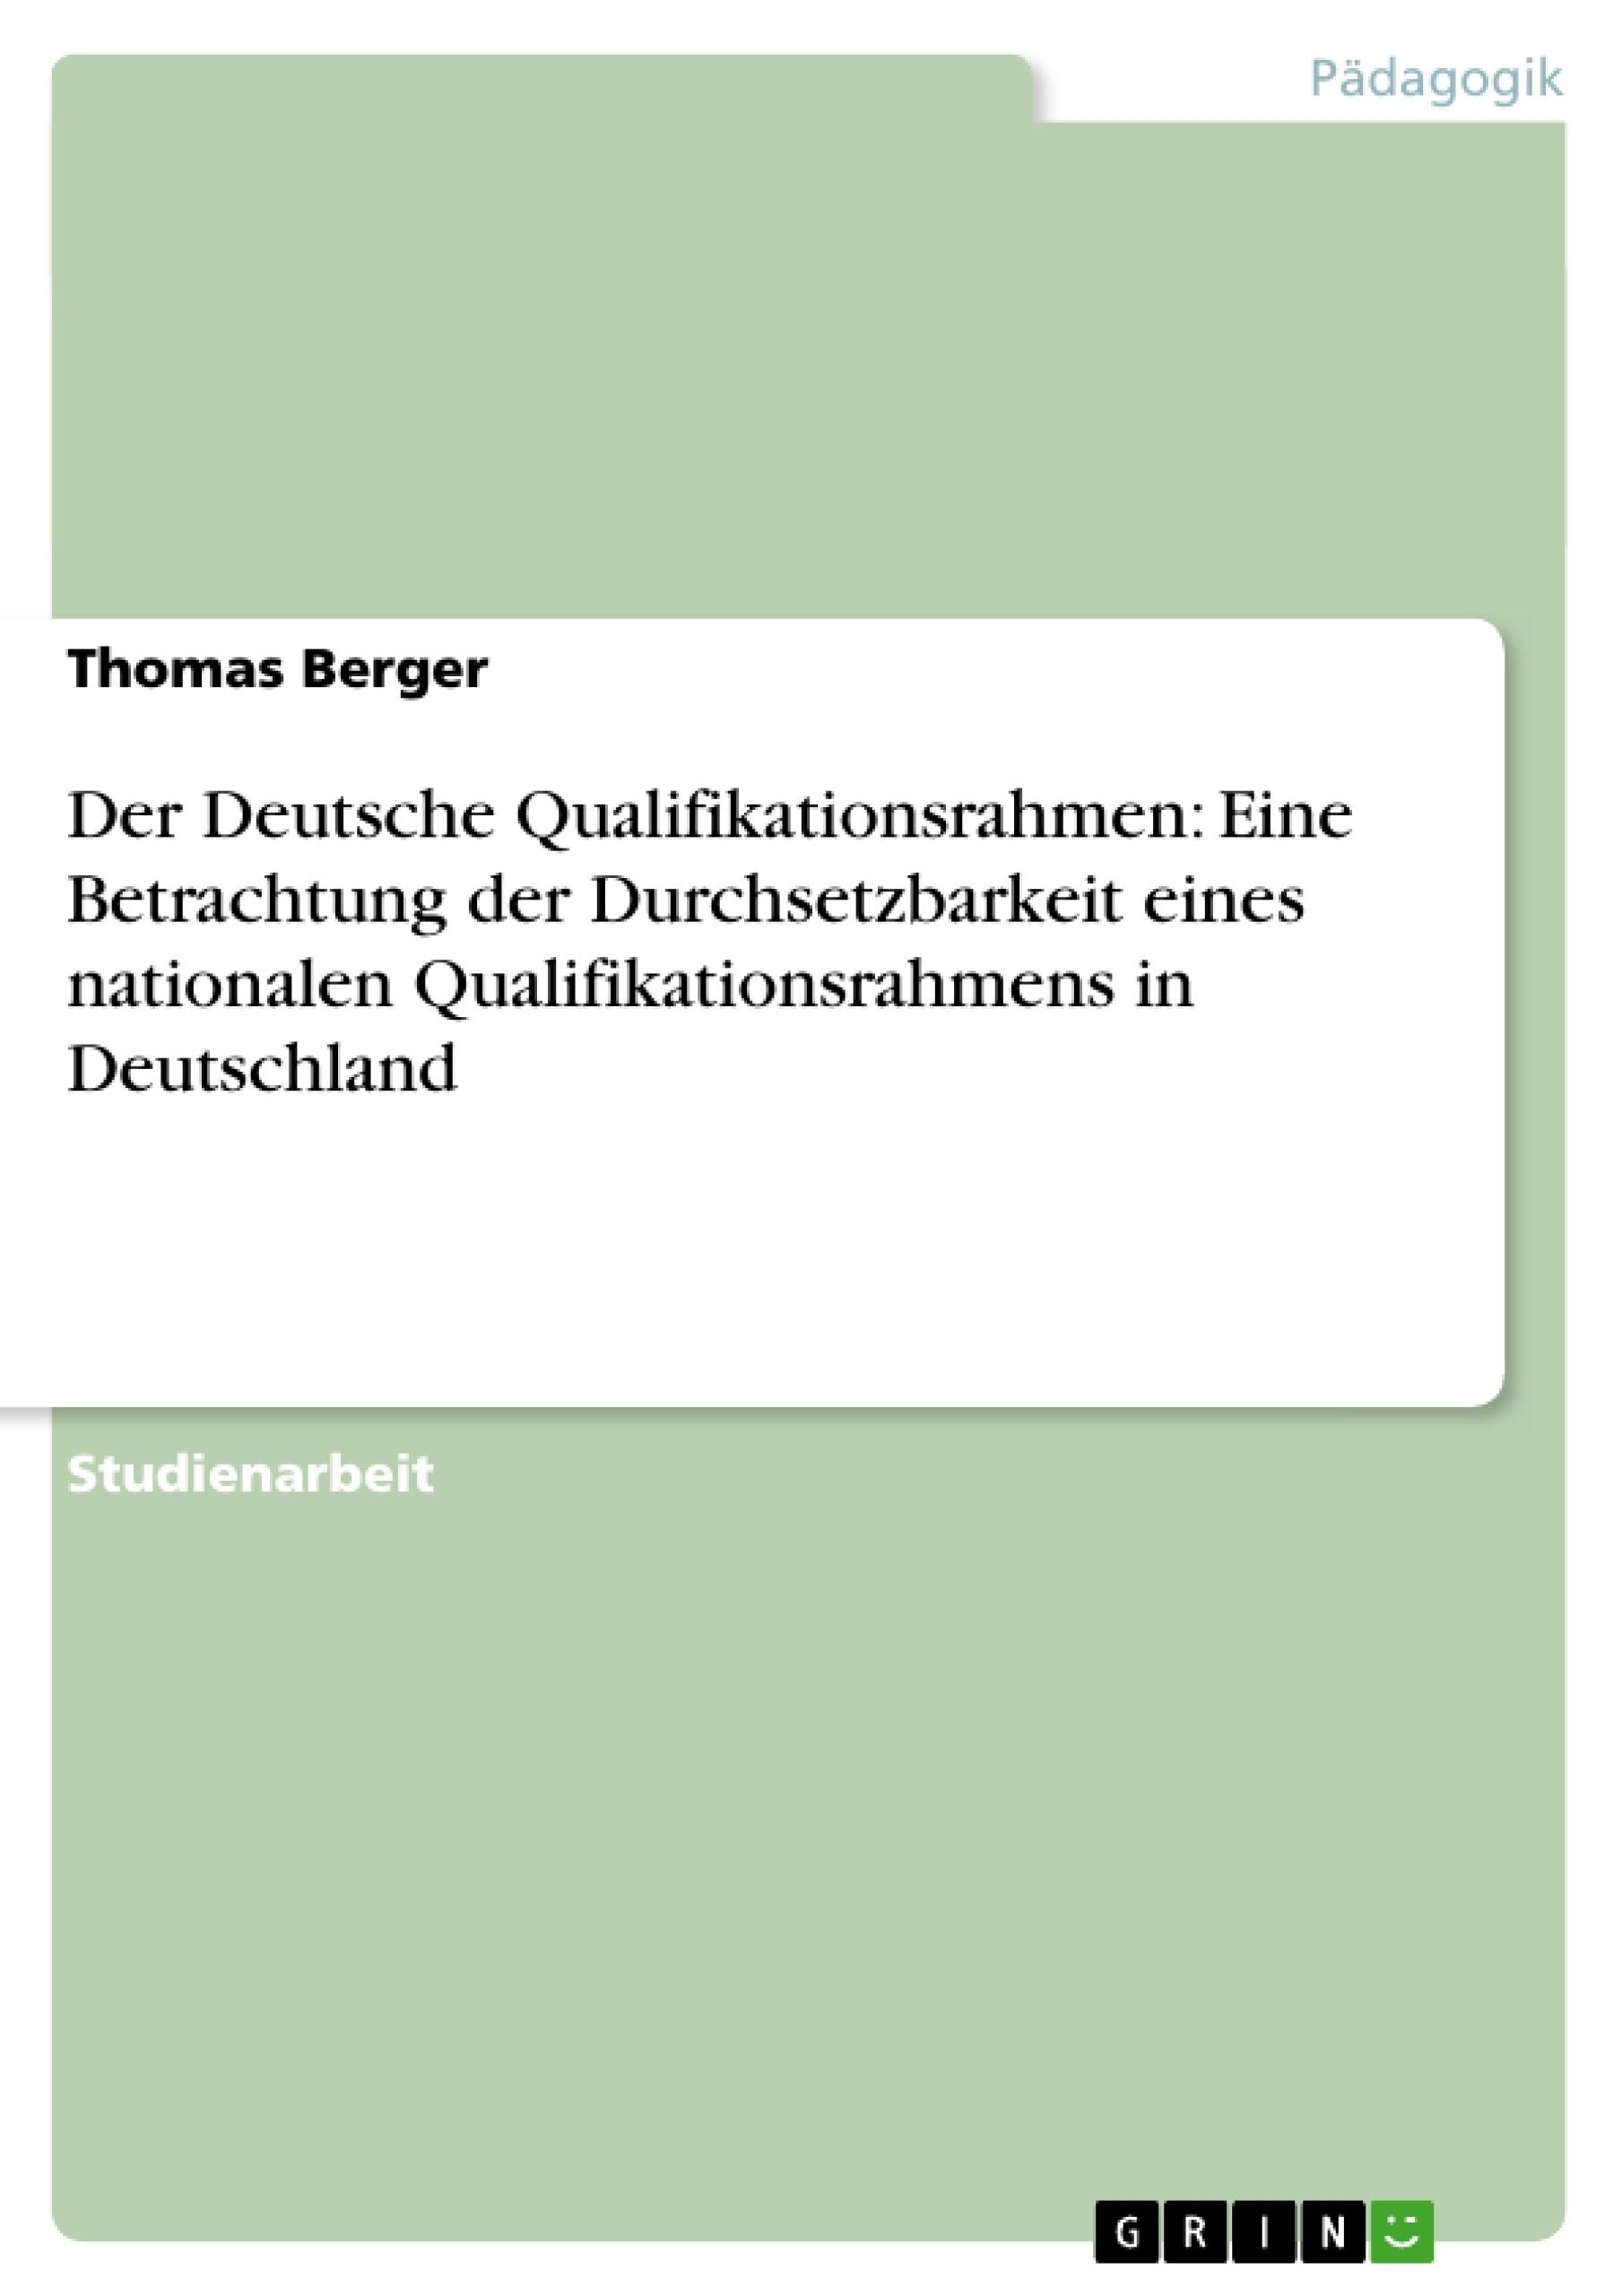 Titel: Der Deutsche Qualifikationsrahmen: Eine Betrachtung der Durchsetzbarkeit eines nationalen Qualifikationsrahmens in Deutschland